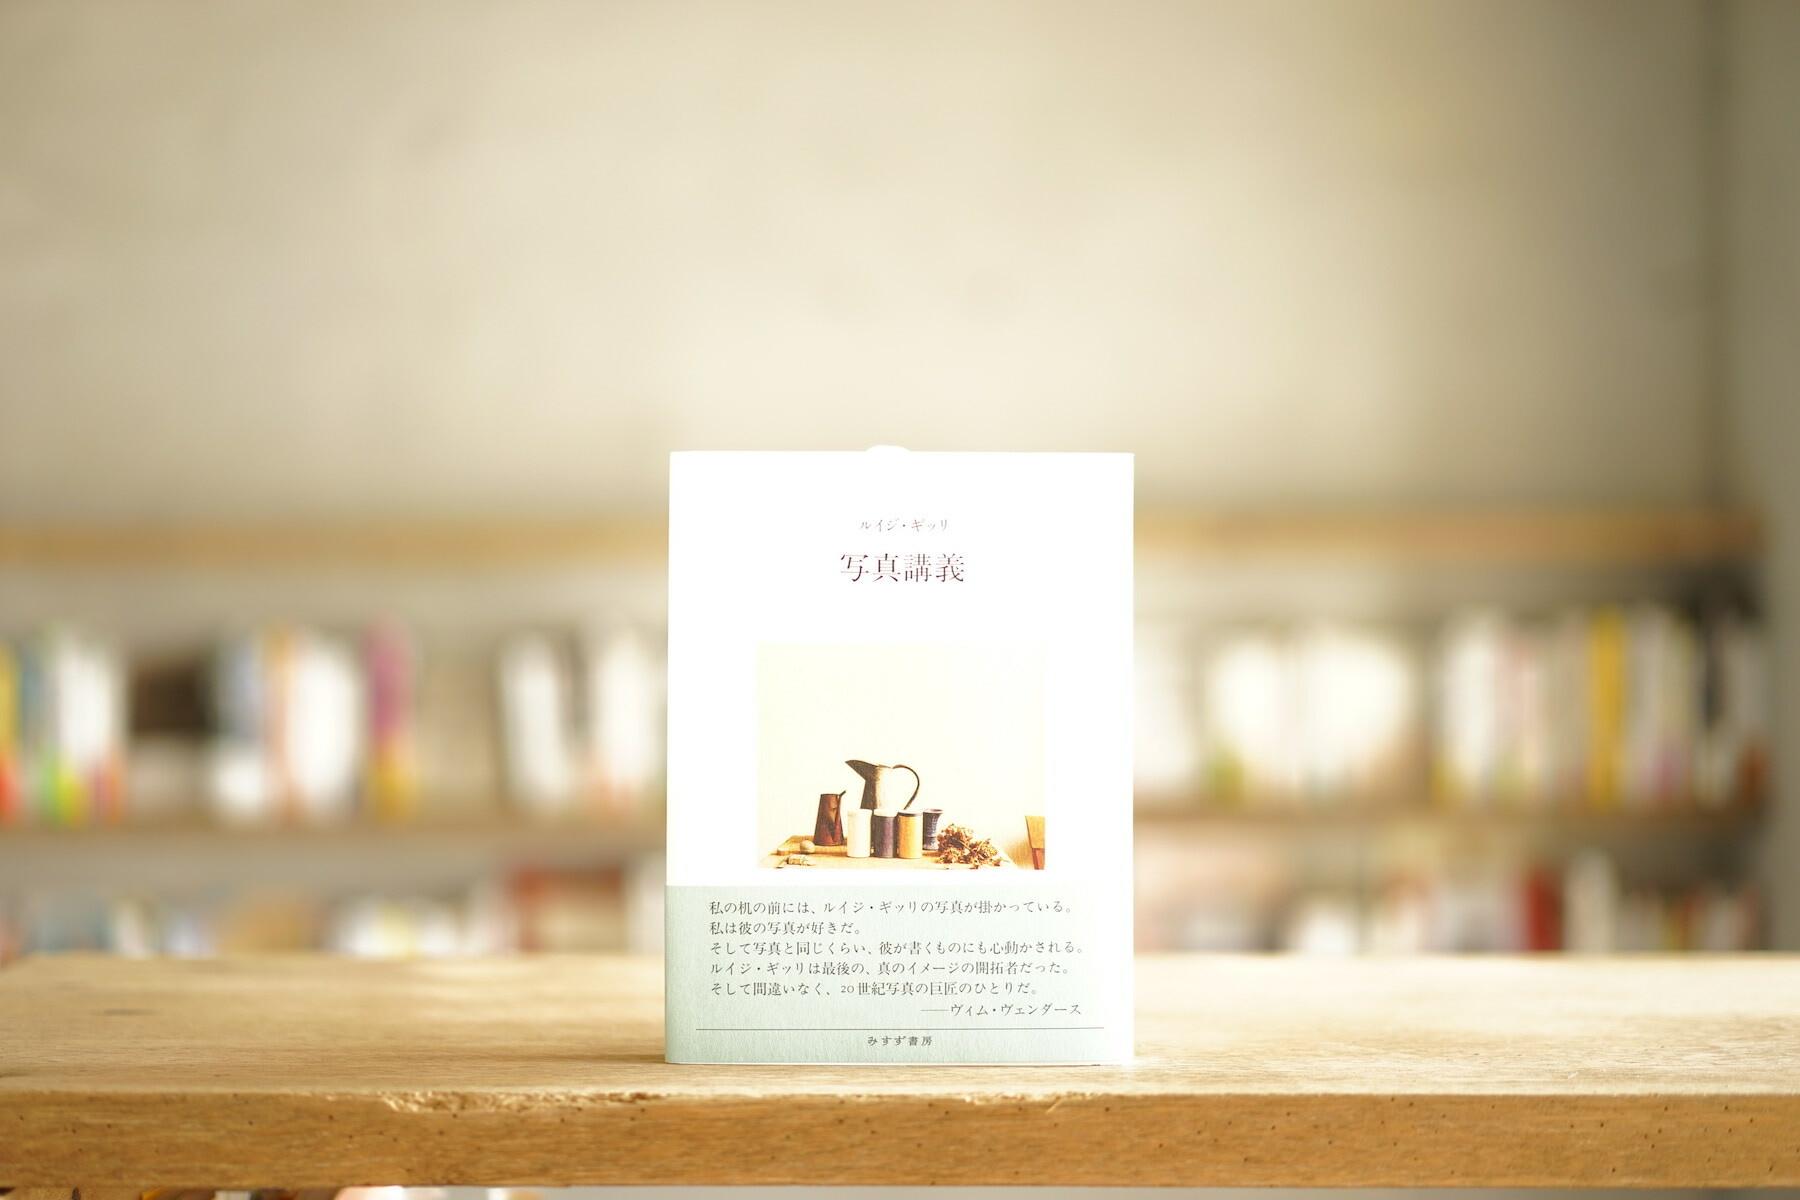 ルイジ・ギッリ 訳:萱野有美 『写真講義』 (みすず書房、2014)